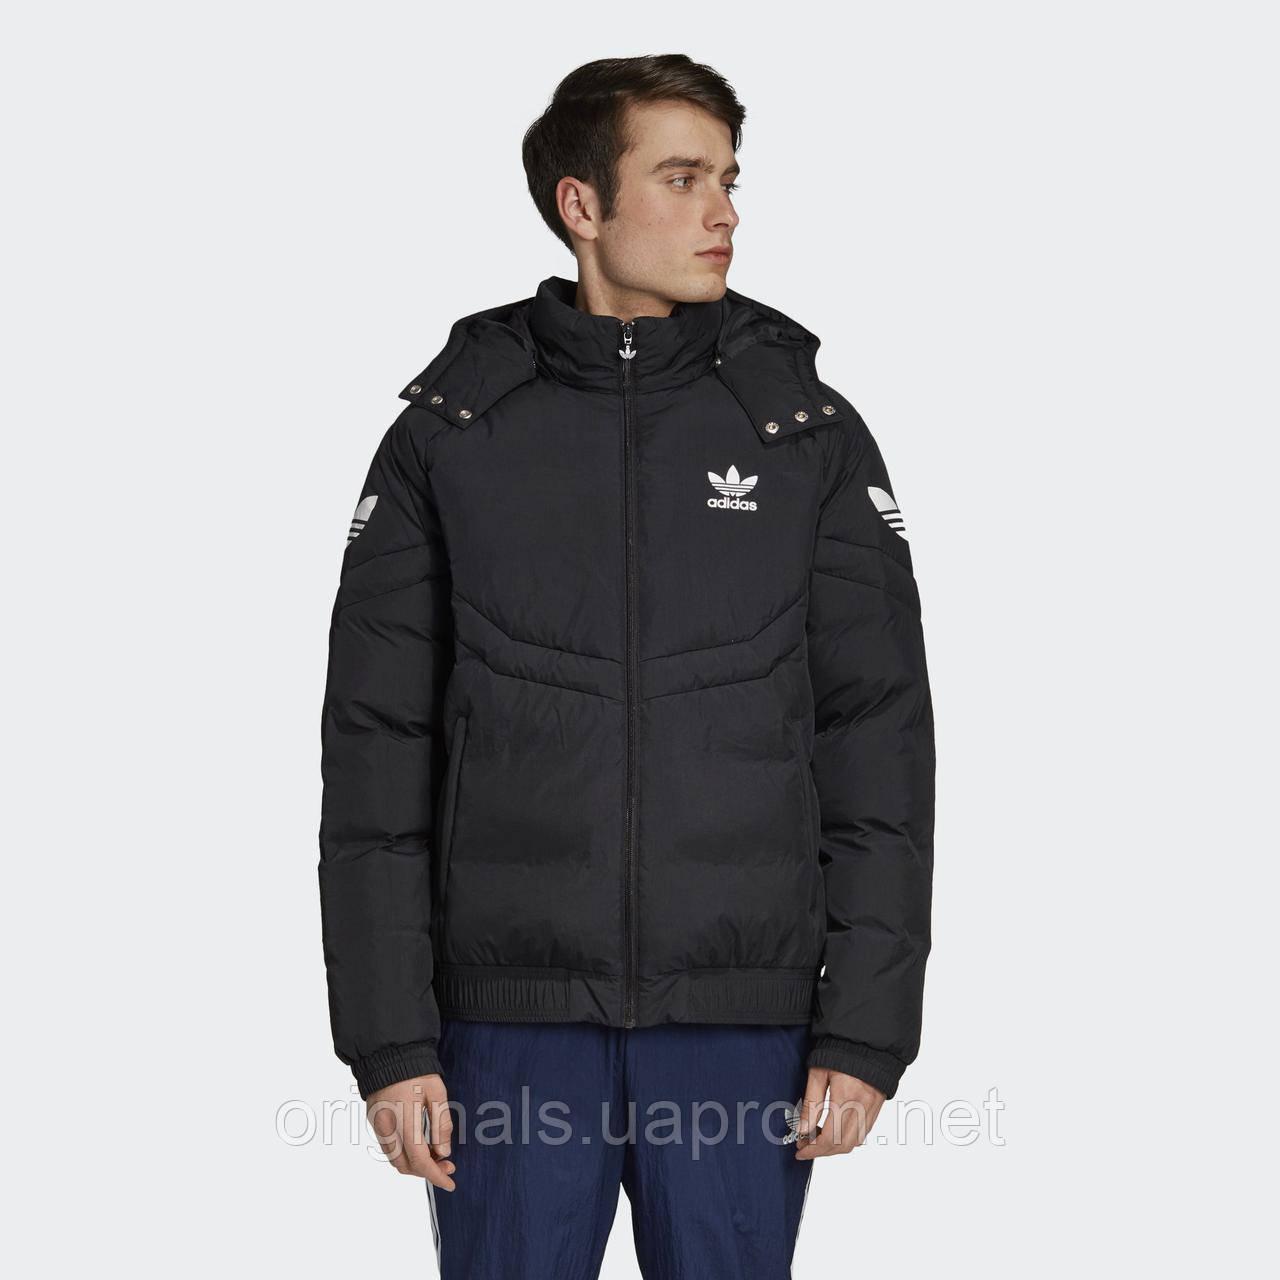 1dff1d0549920 Мужской пуховик adidas Originals Down Jacket EC3663 - 2019 -  интернет-магазин Originals - Оригинальный